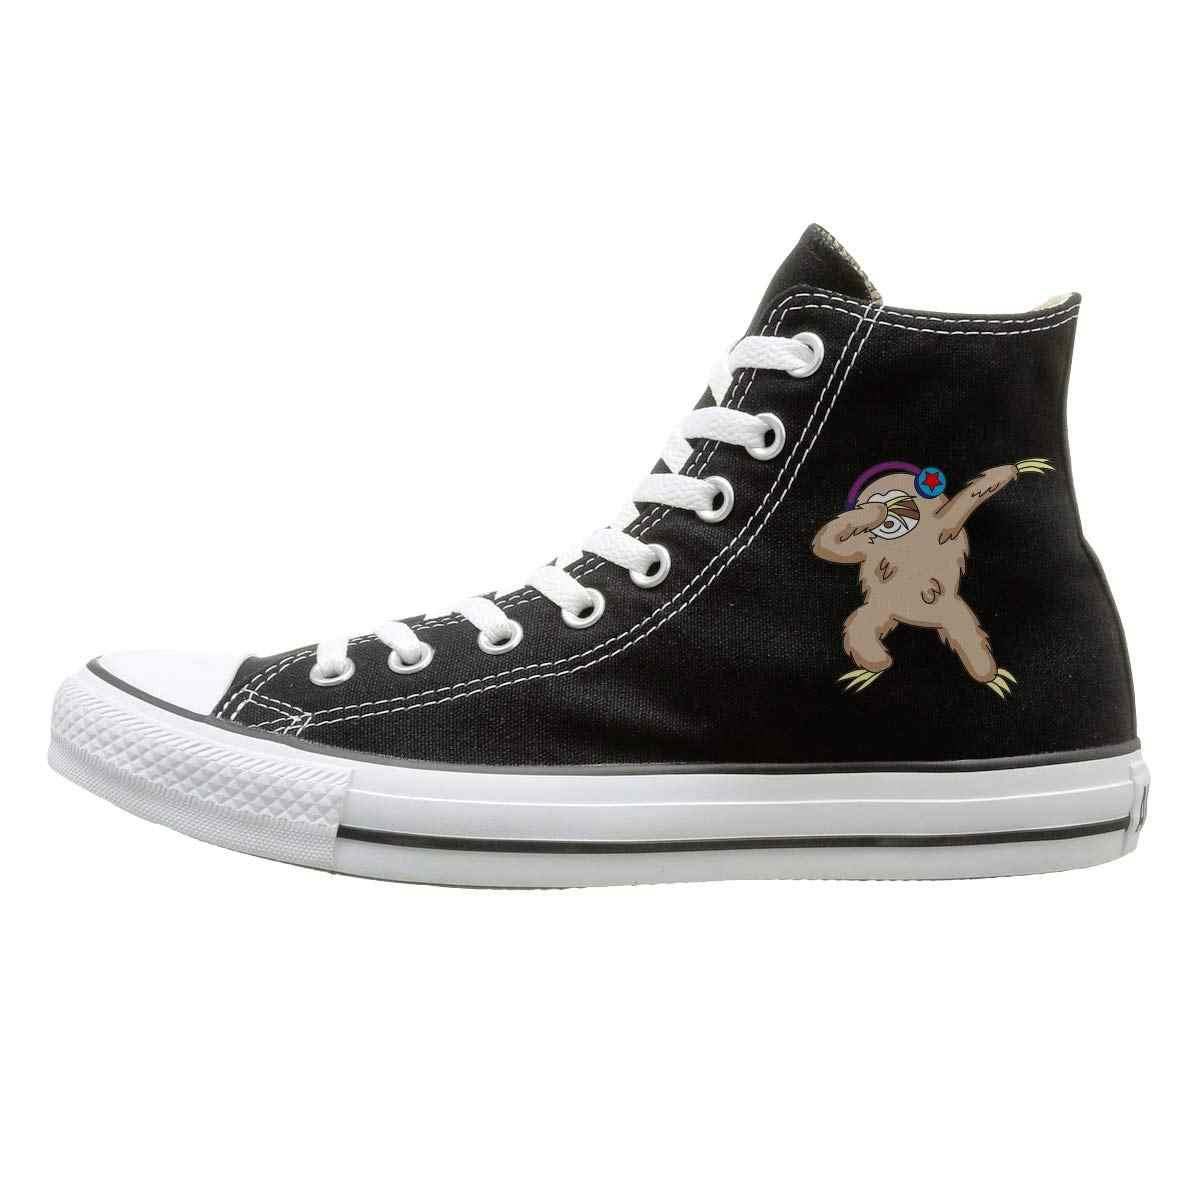 Aiguan/парусиновая обувь с высоким берцем; черные кроссовки в стиле унисекс; 135